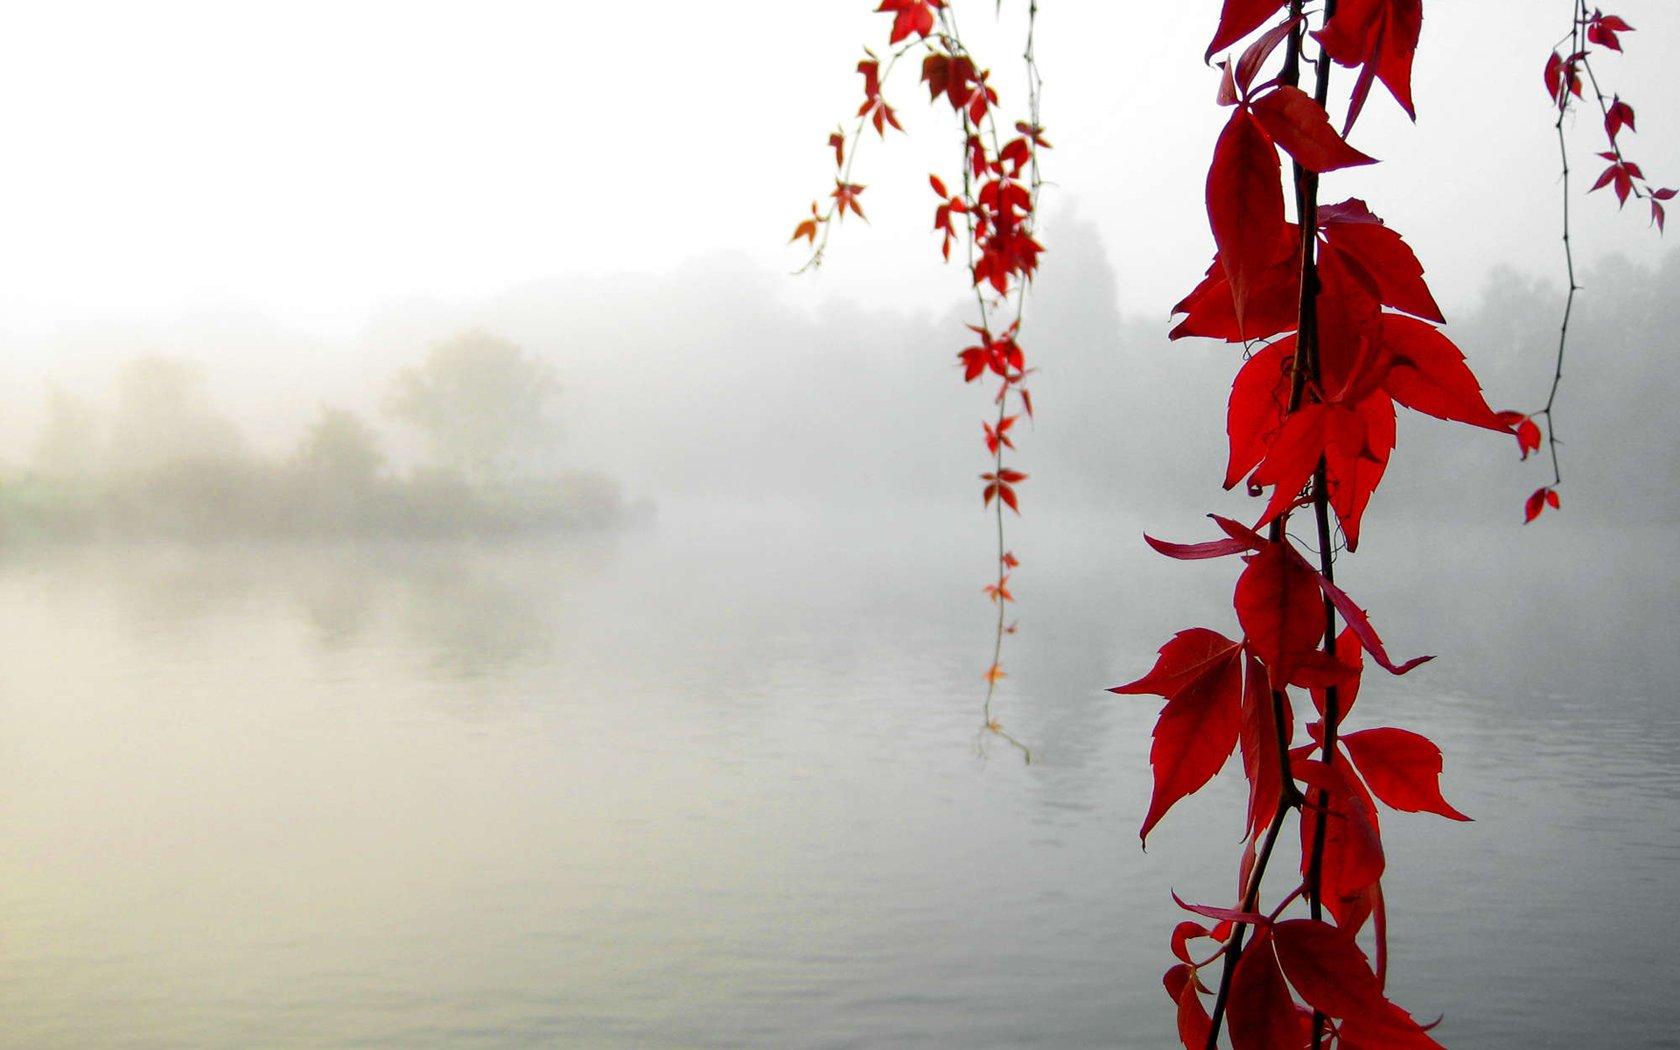 Serenity_Enchanted_by_sirpecangum.jpg